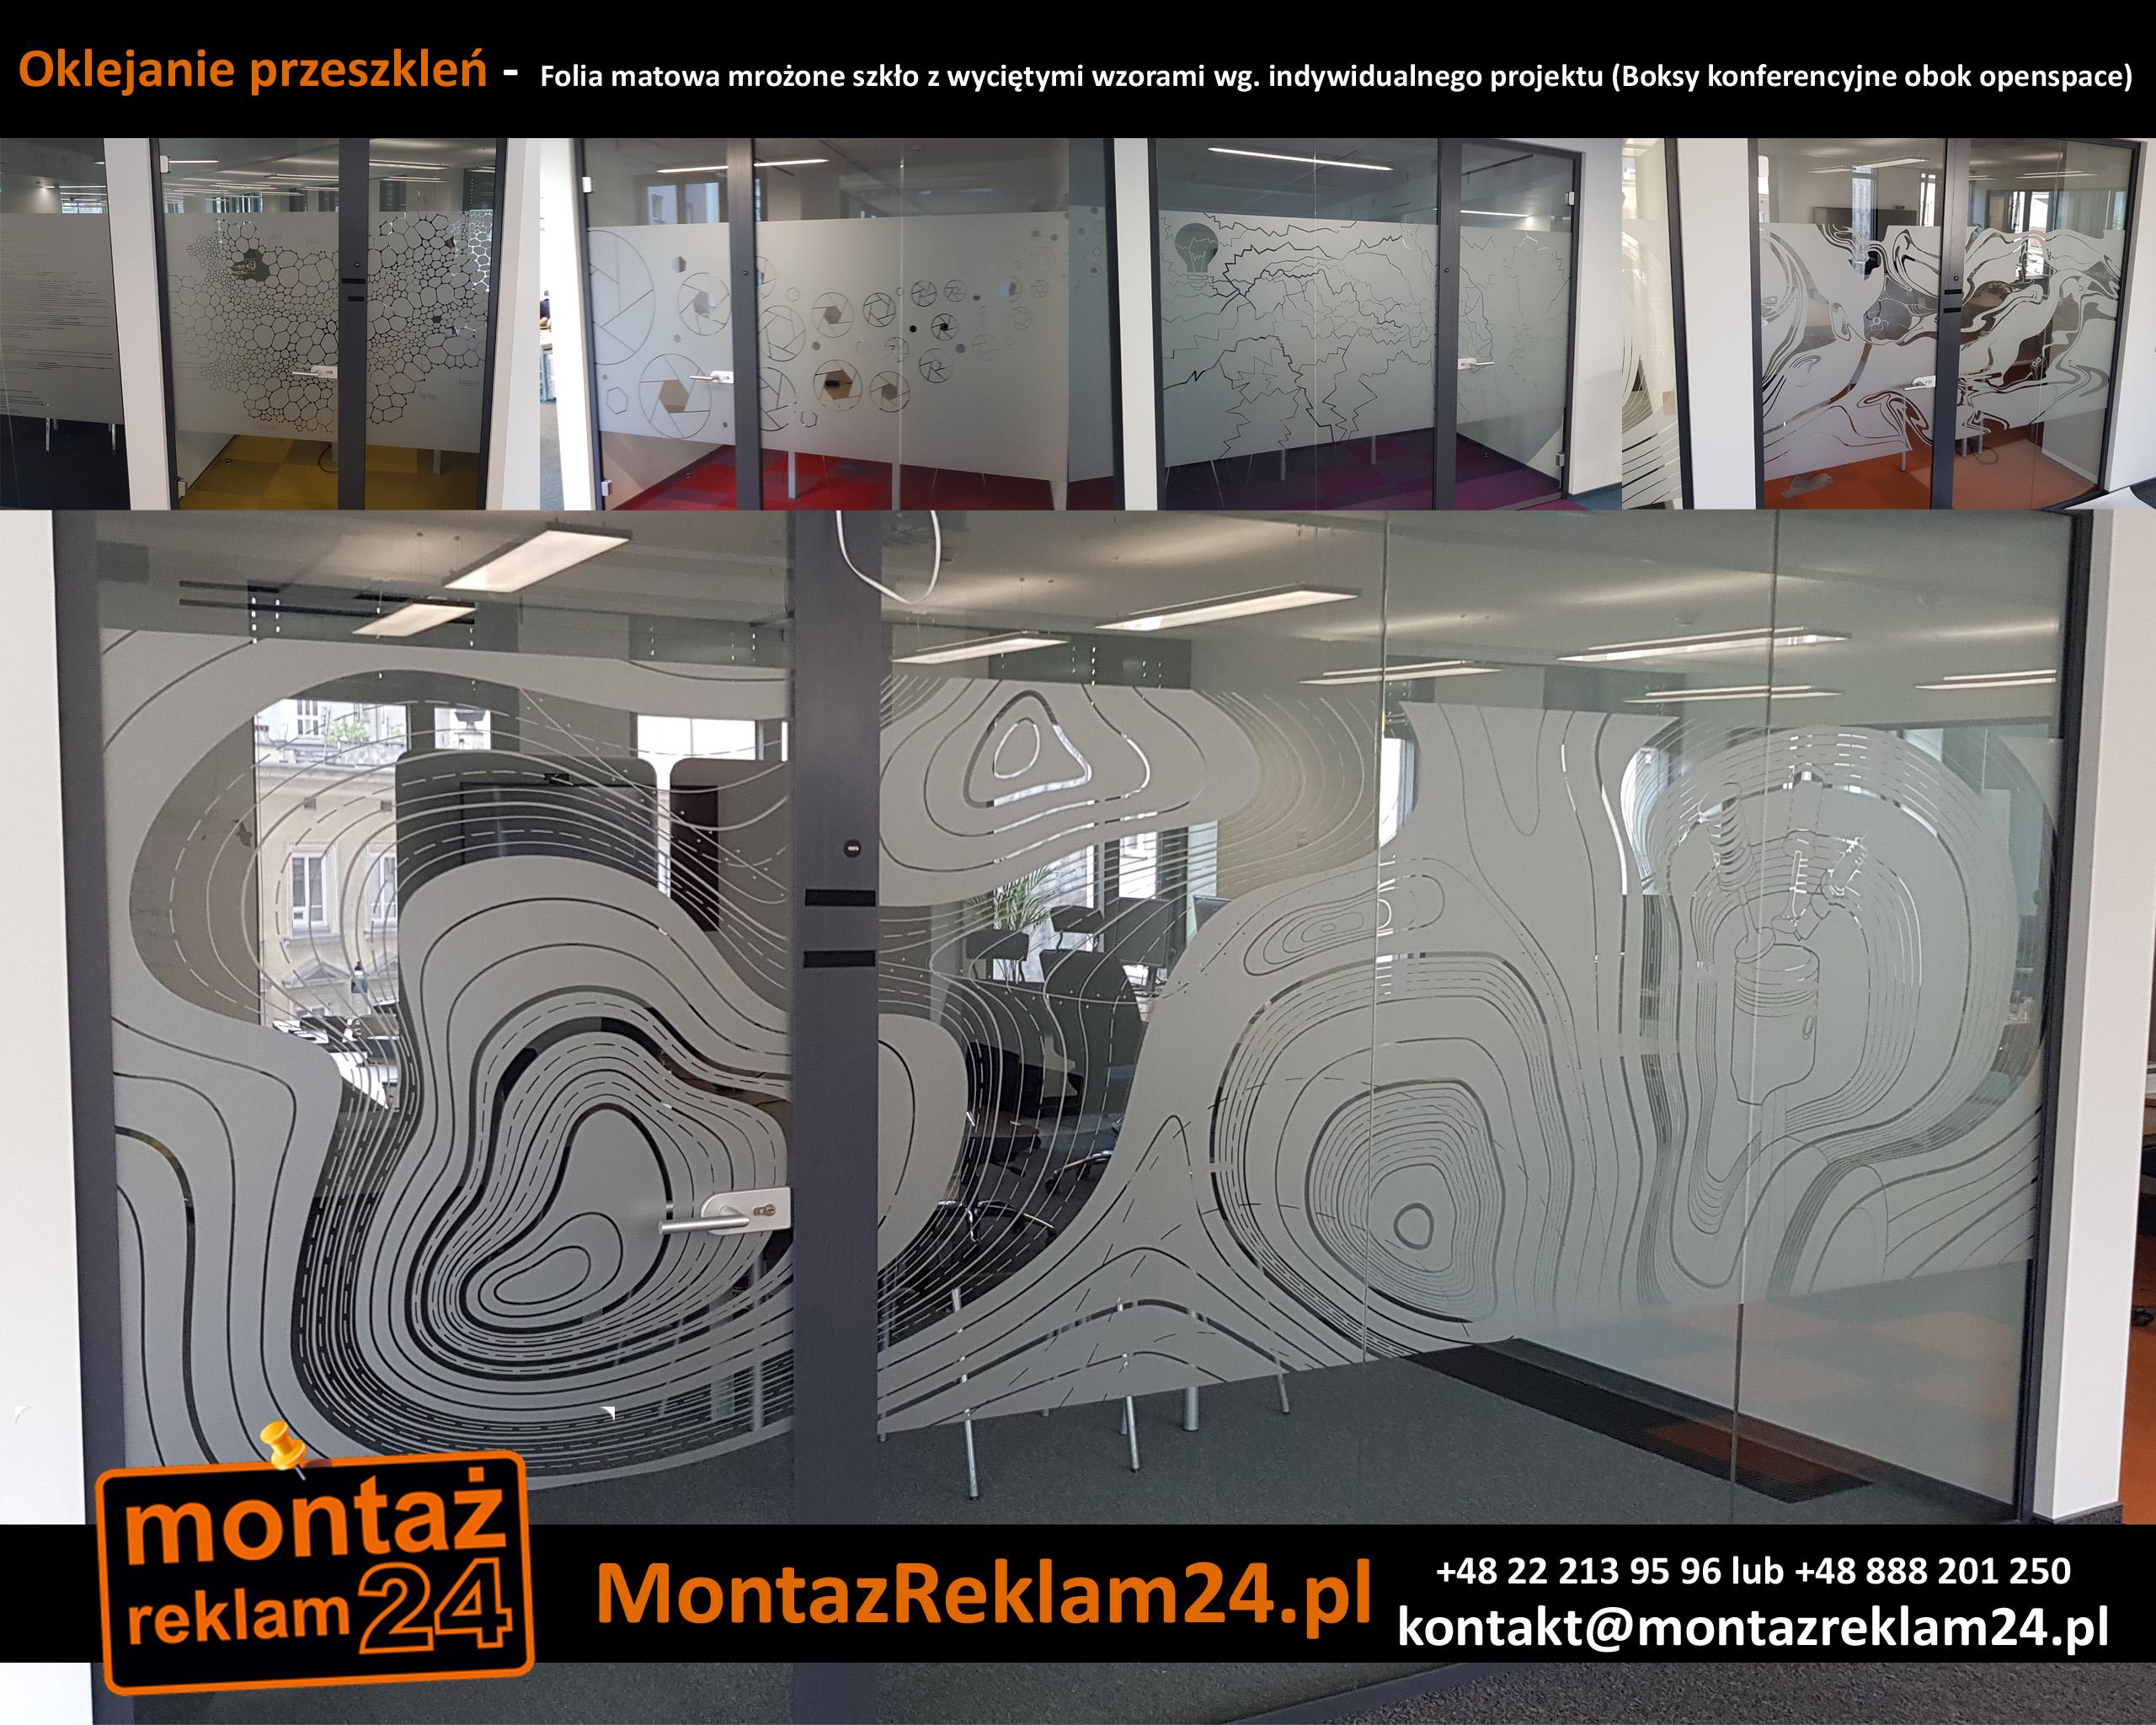 Oklejanie przeszkleń -  Folia matowa mrożone szkło z wyciętymi wzorami wg.jpg